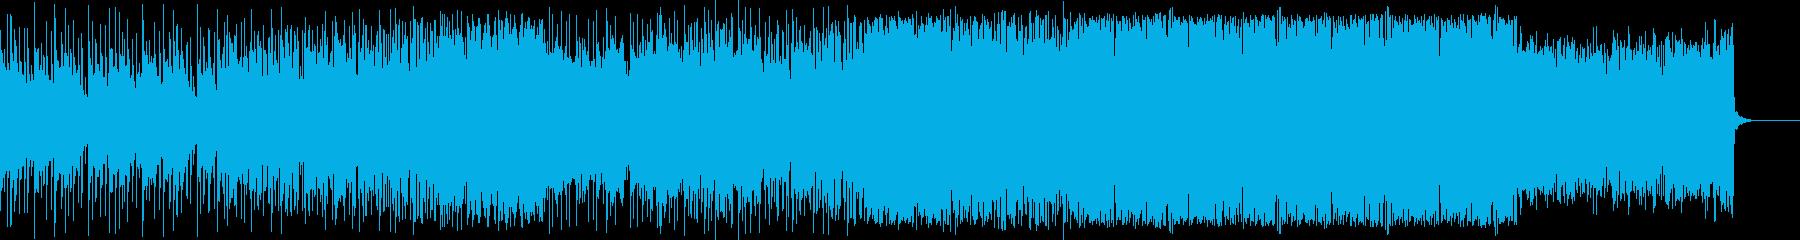 疾走感のあるローファイビート(低音)の再生済みの波形